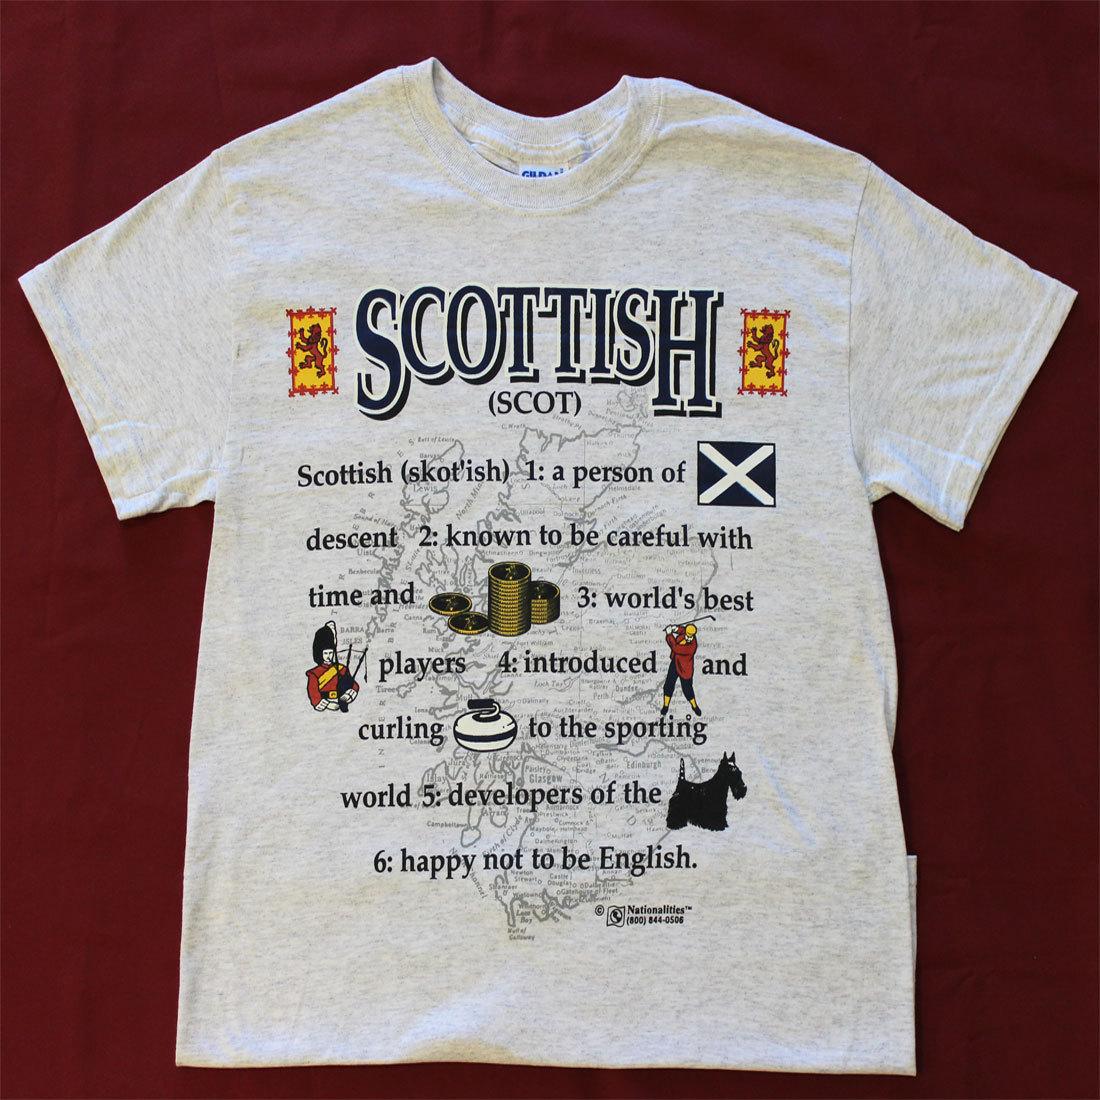 Scotlanddefinitiontshirt2 8